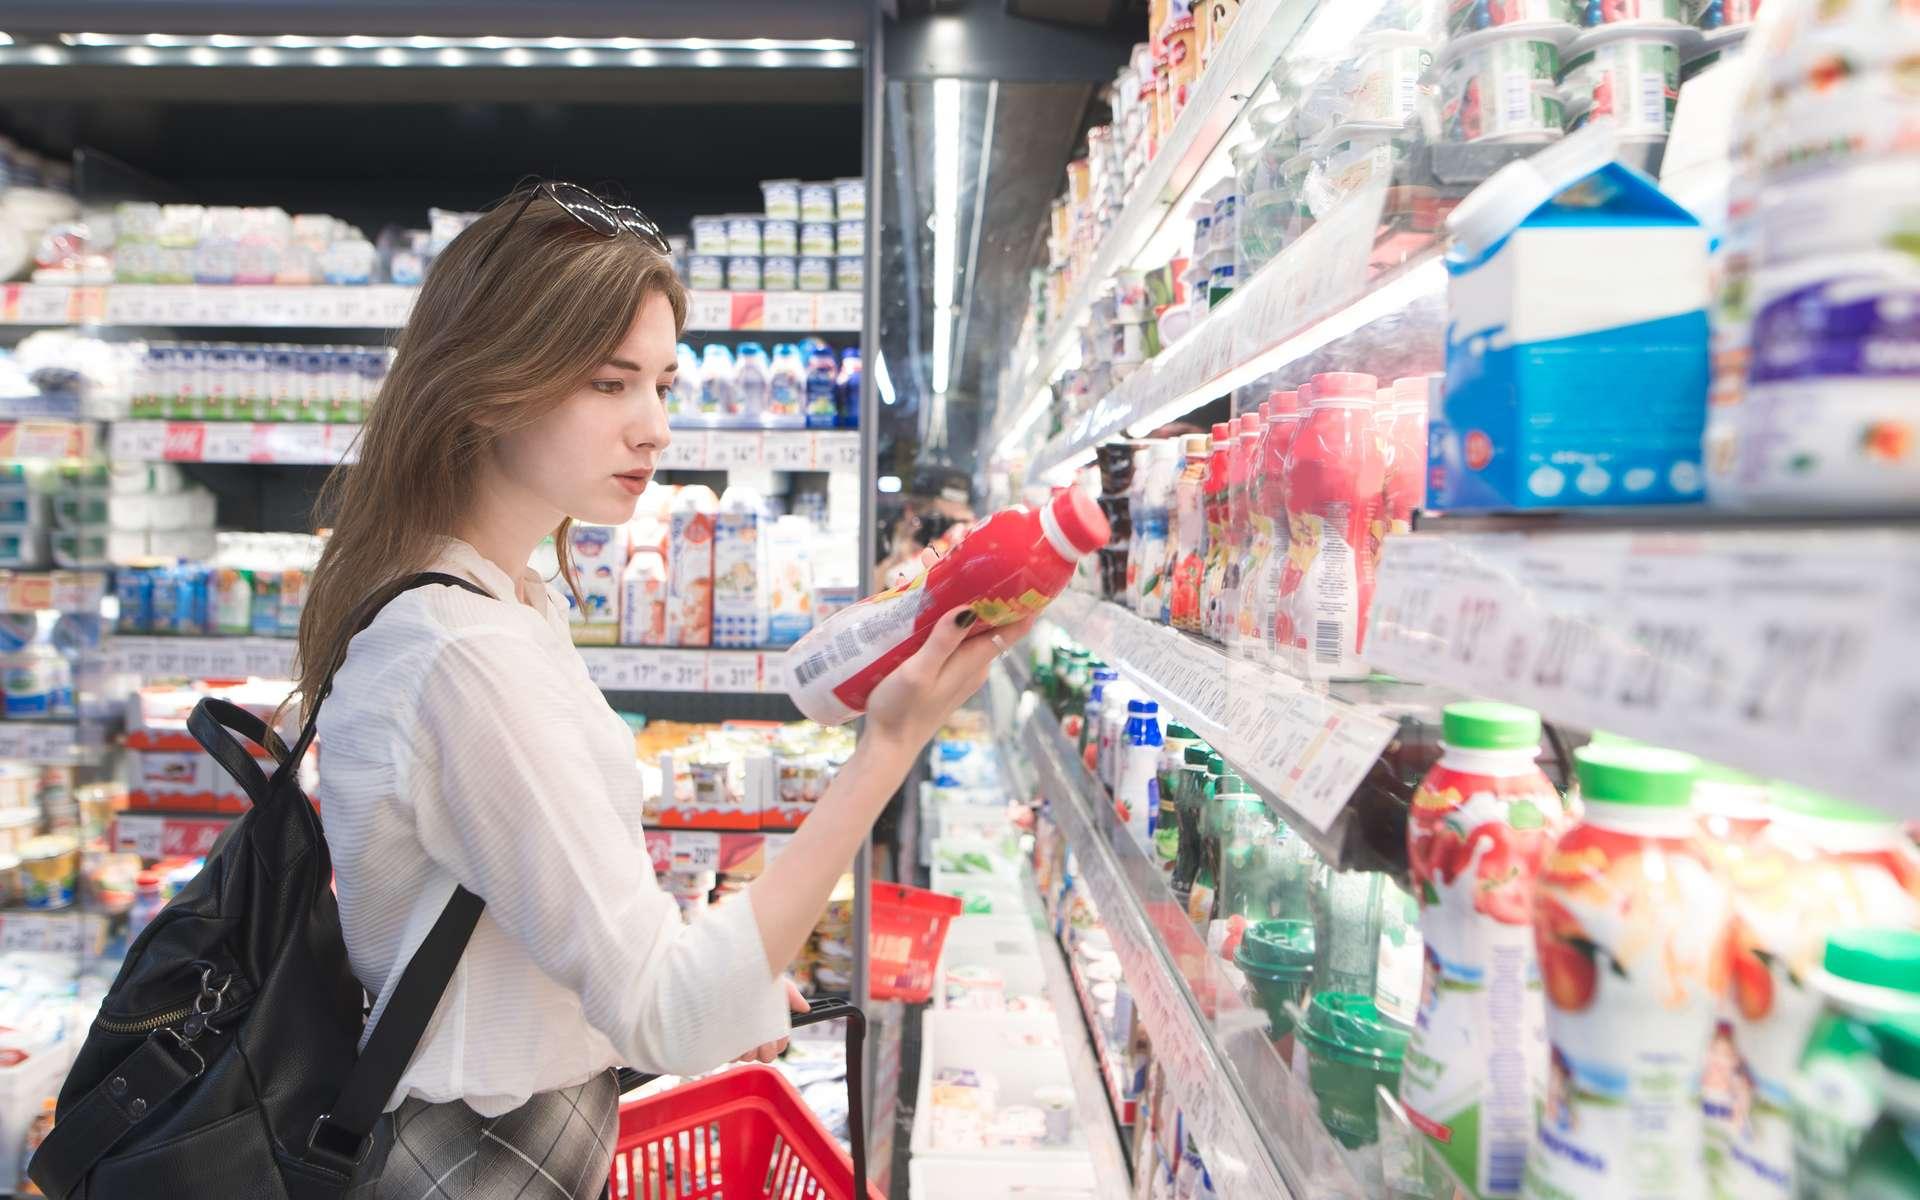 La consommation d'aliments mal notés par le Nutri-Score semble associée à un taux de mortalité élevé. © bodnardphoto, Adobe Stock